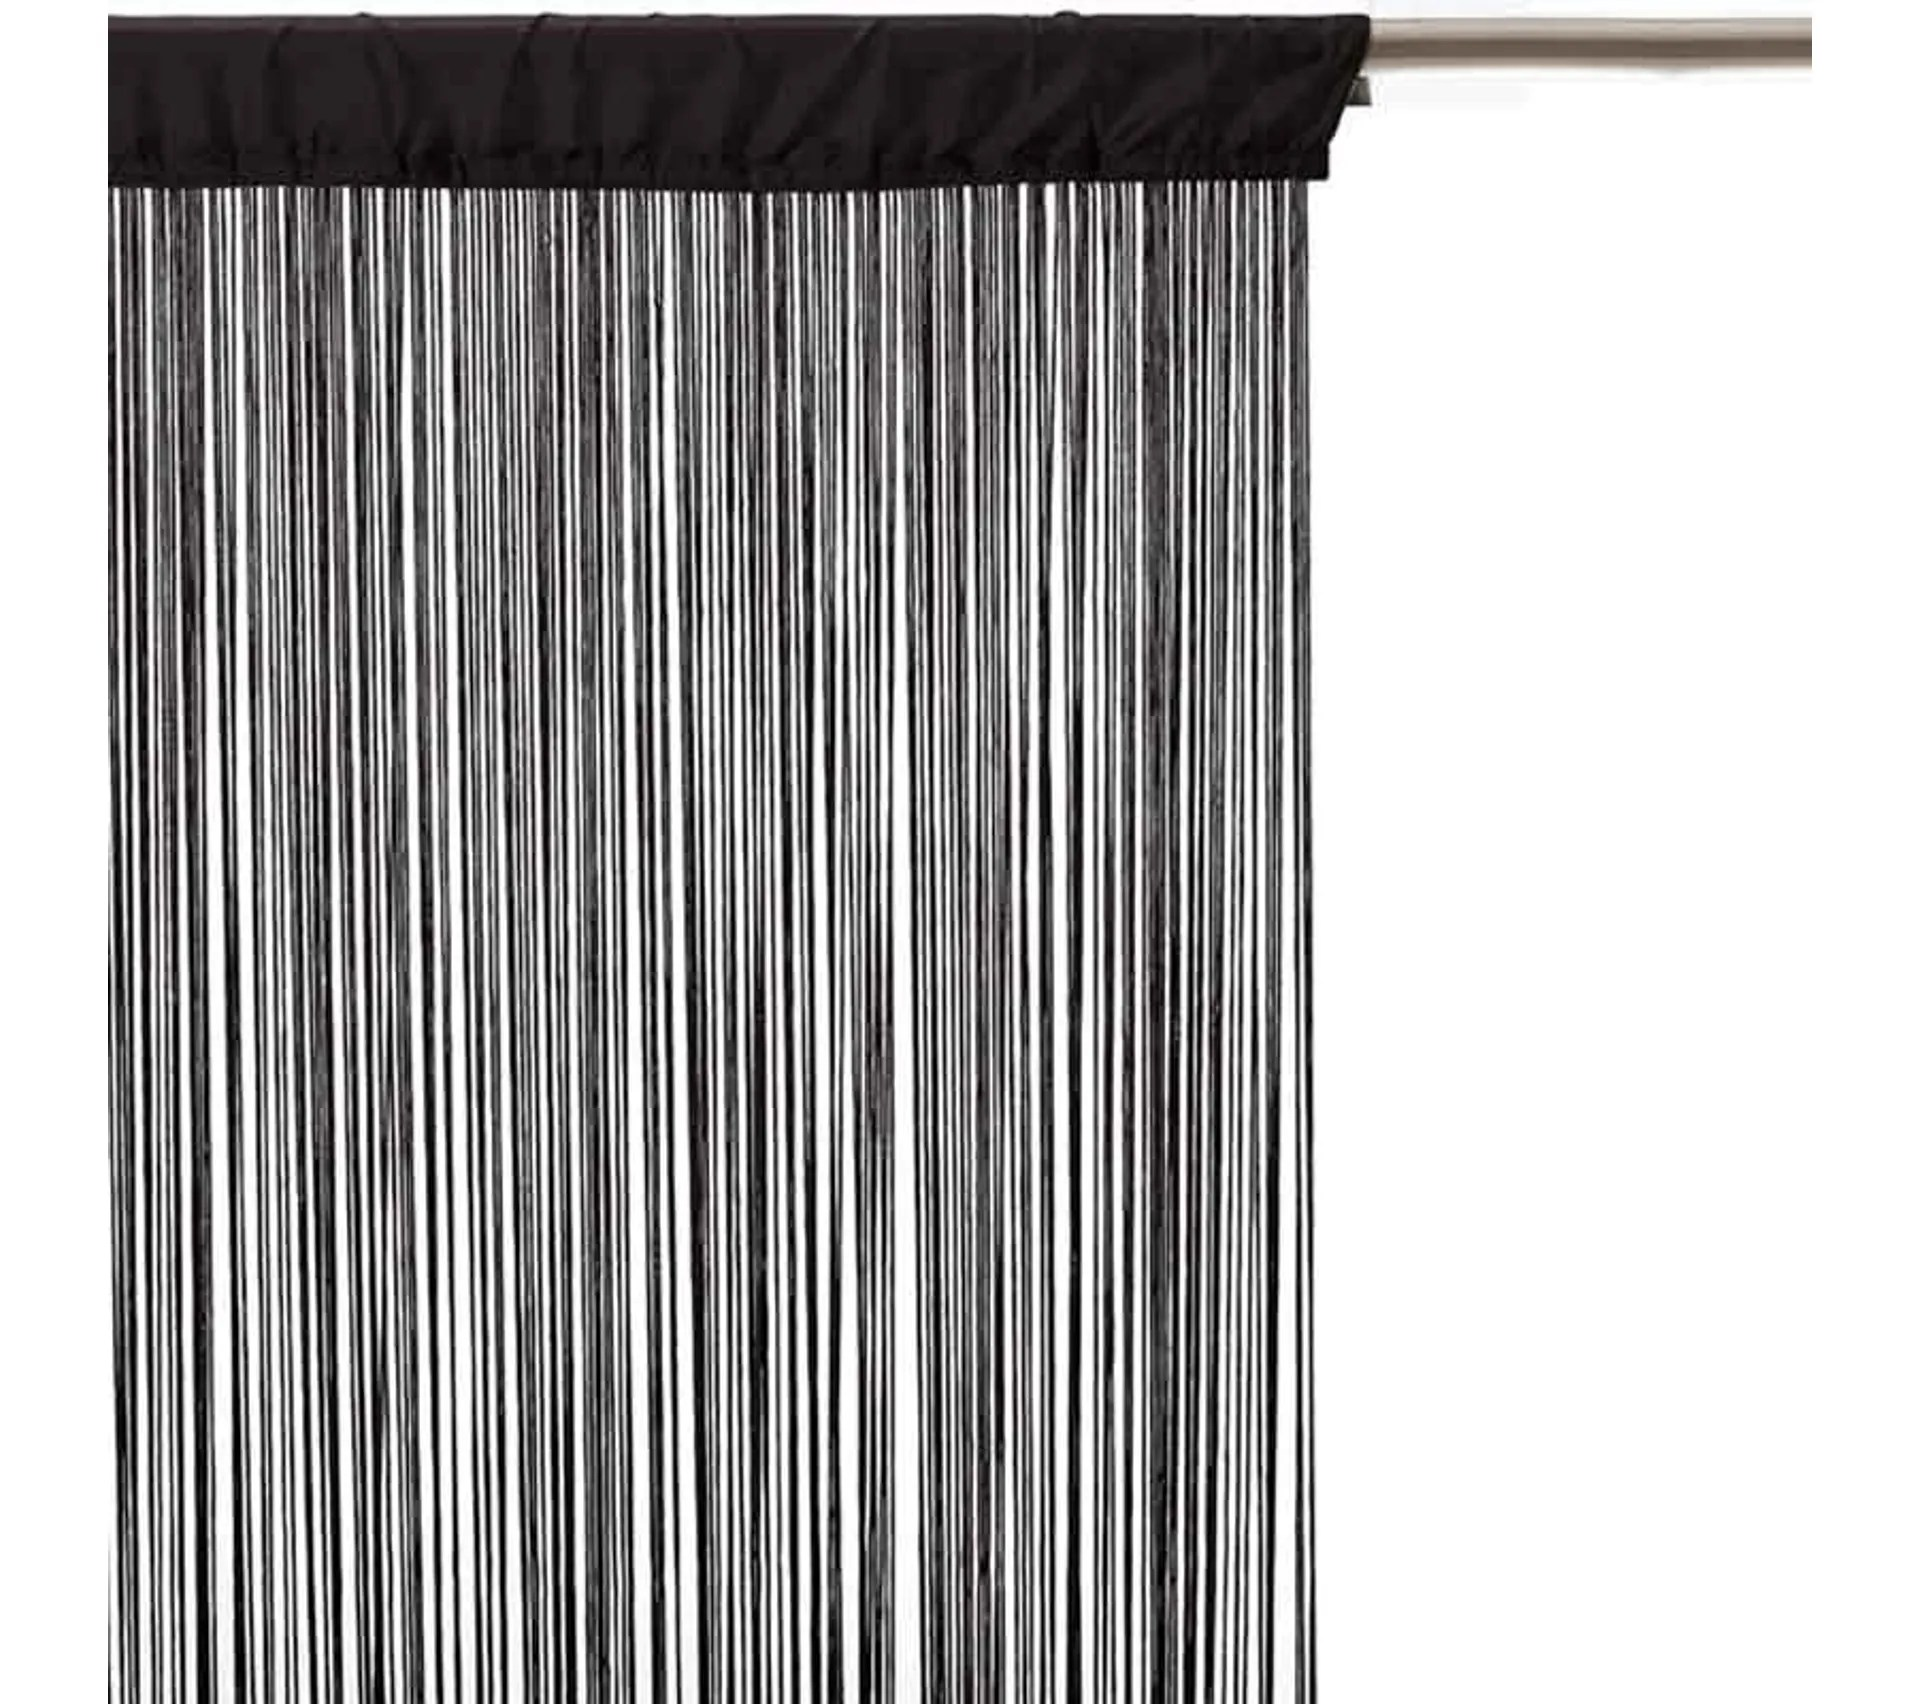 rideau fil 90x200 cm noir